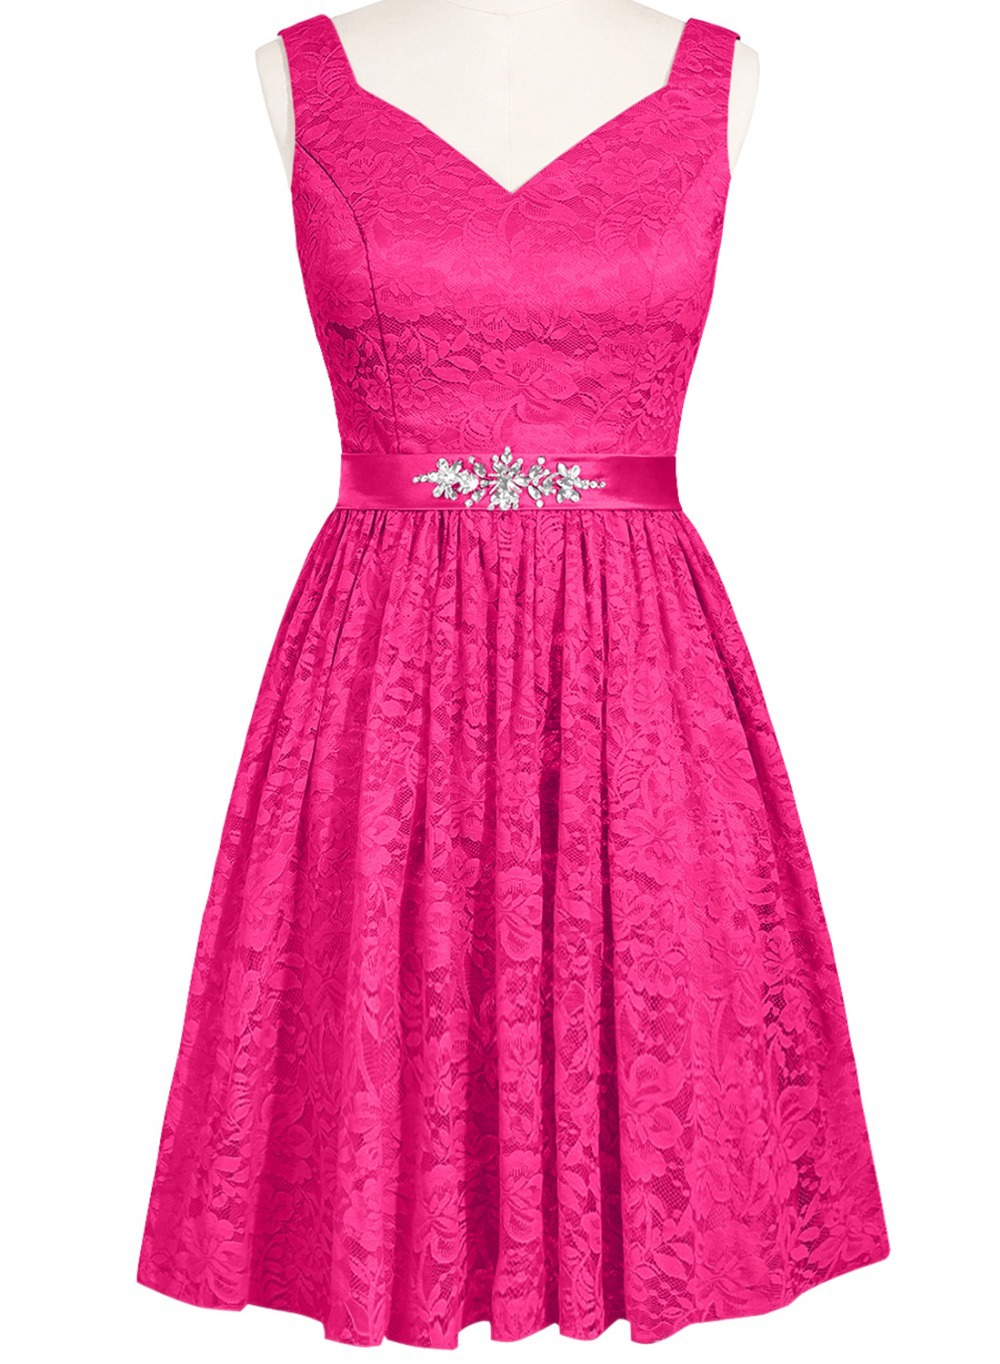 Vestido Madrinha barato corto lila / lavanda dama de honor de encaje ...